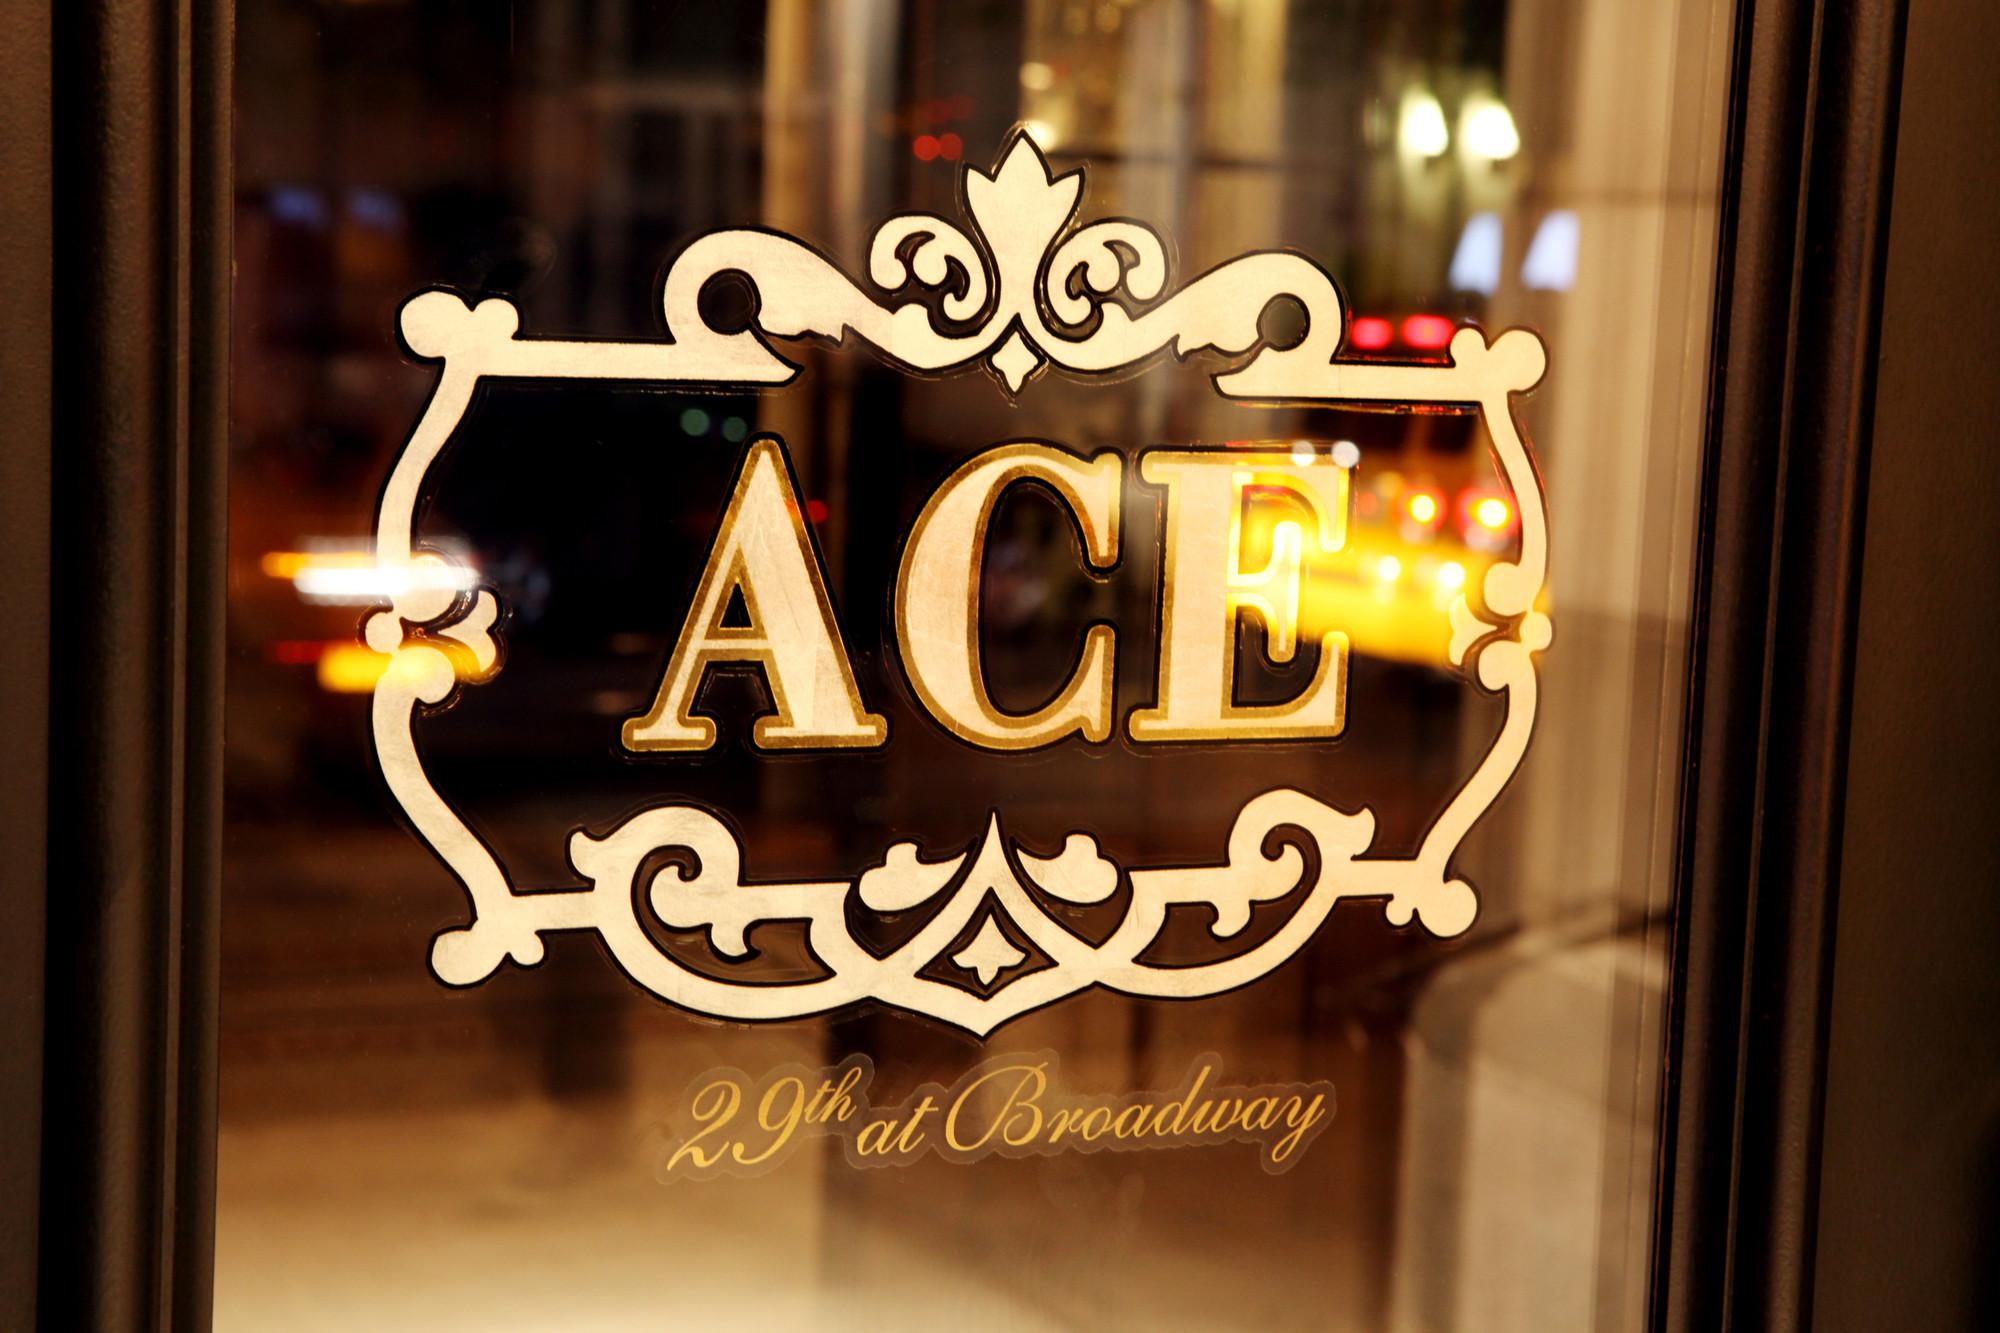 Ace490_,NYC-lpr